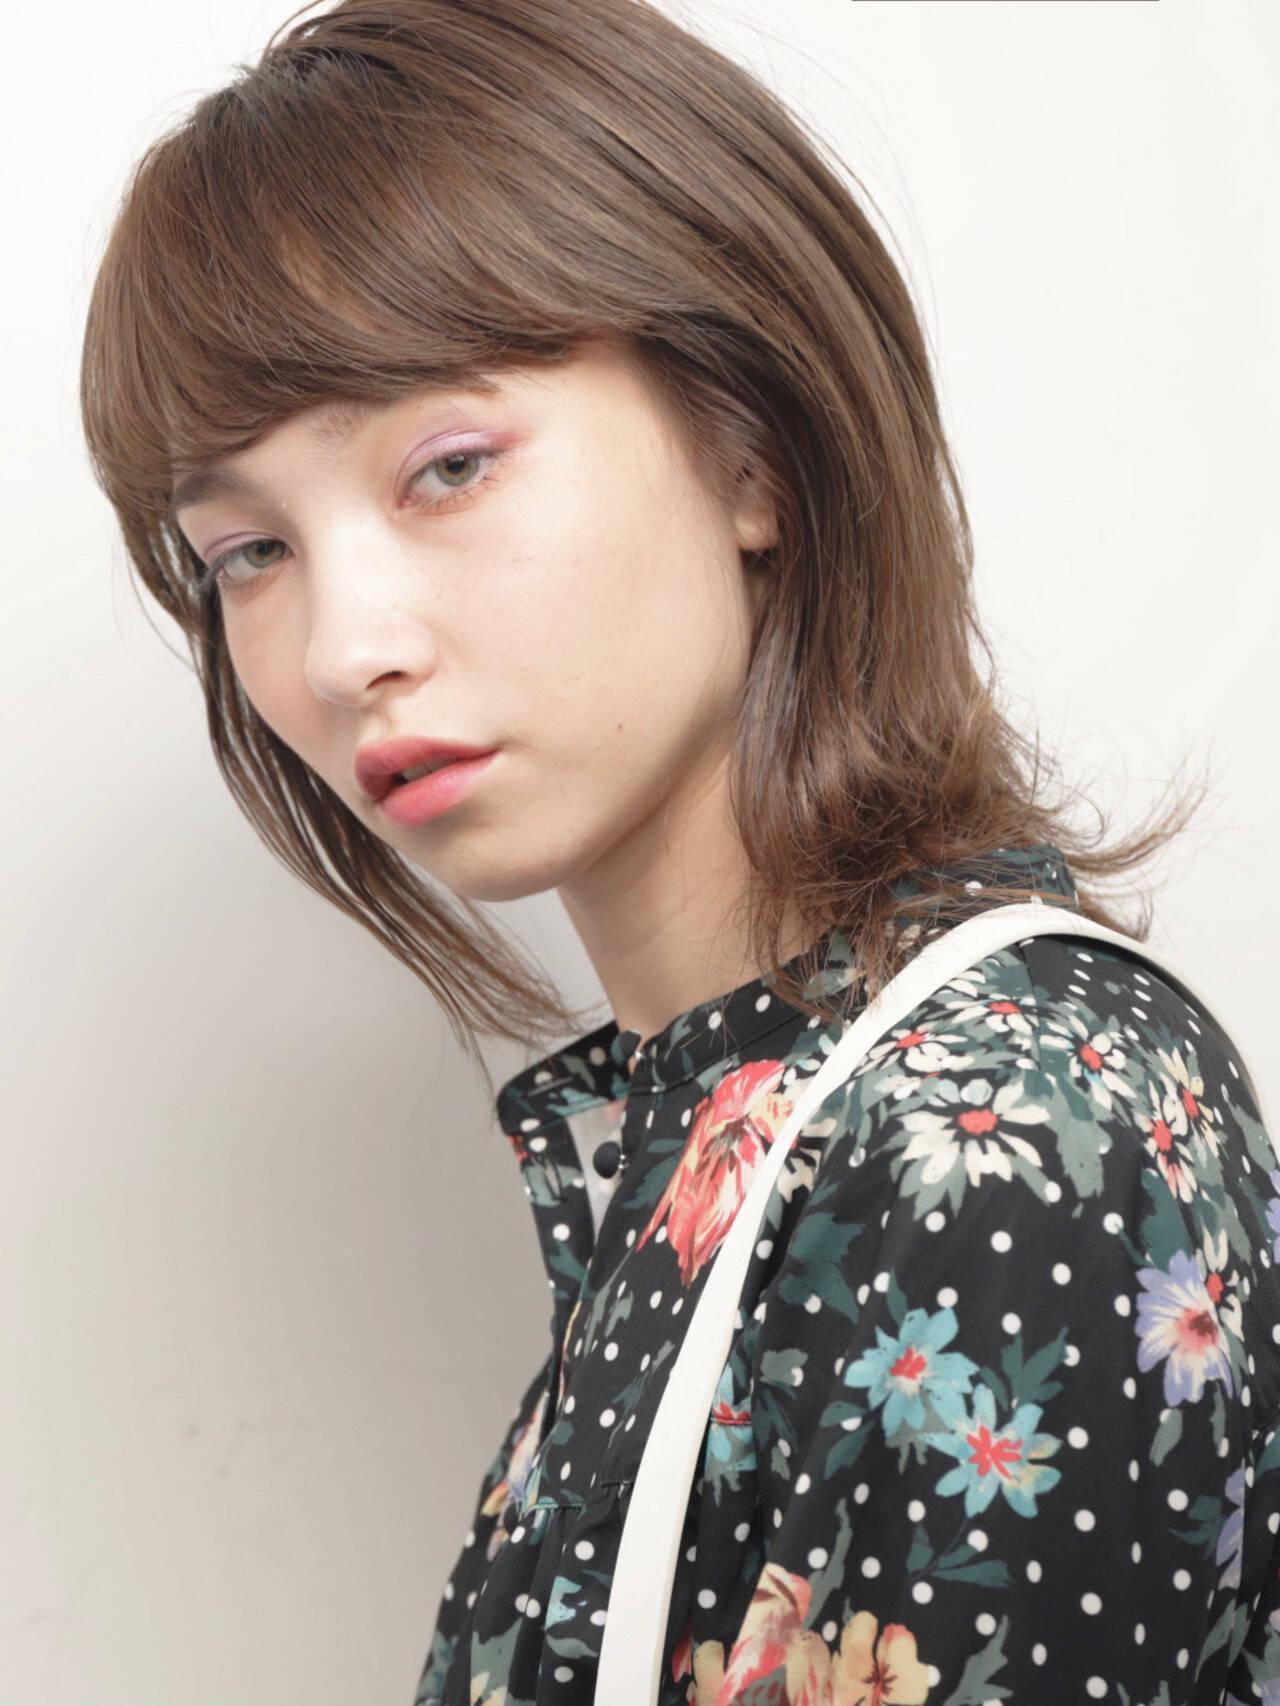 モード マッシュウルフ オリーブベージュ ミディアムヘアスタイルや髪型の写真・画像